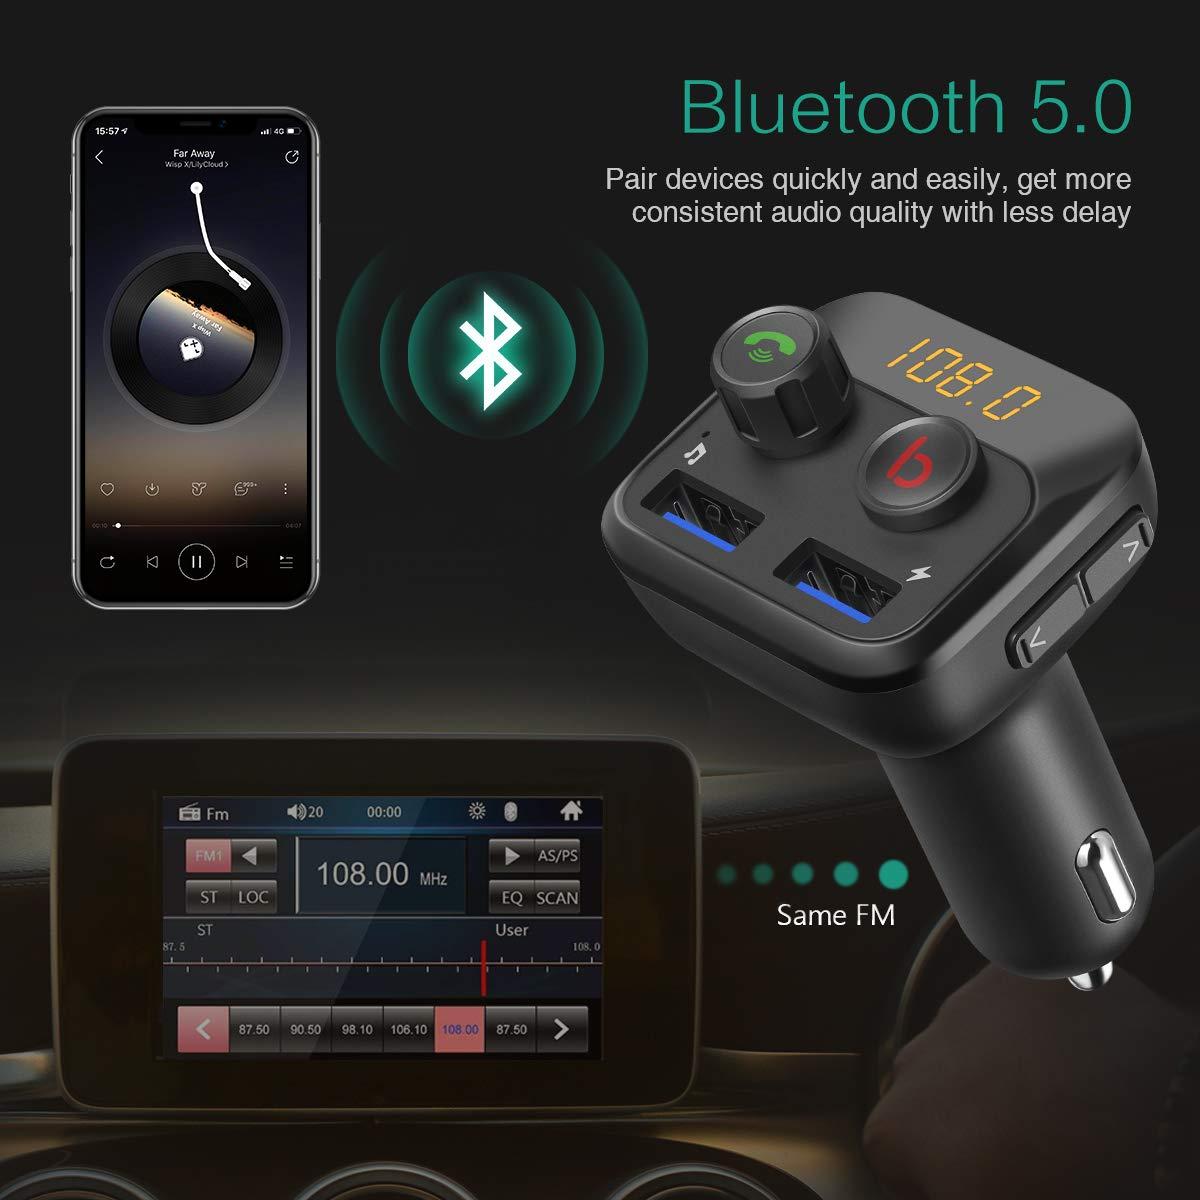 ORIA Bluetooth FM Transmitter 1.8 Farbbildschirm QC 3.0 KFZ Auto Radio Adapter Freisprecheinrichtung mit 2 USB Ladeger/ät Flexibel Schwanenhals Car Kit Unterst/ützt USB//TF Carte//Aux /& EQ Mode